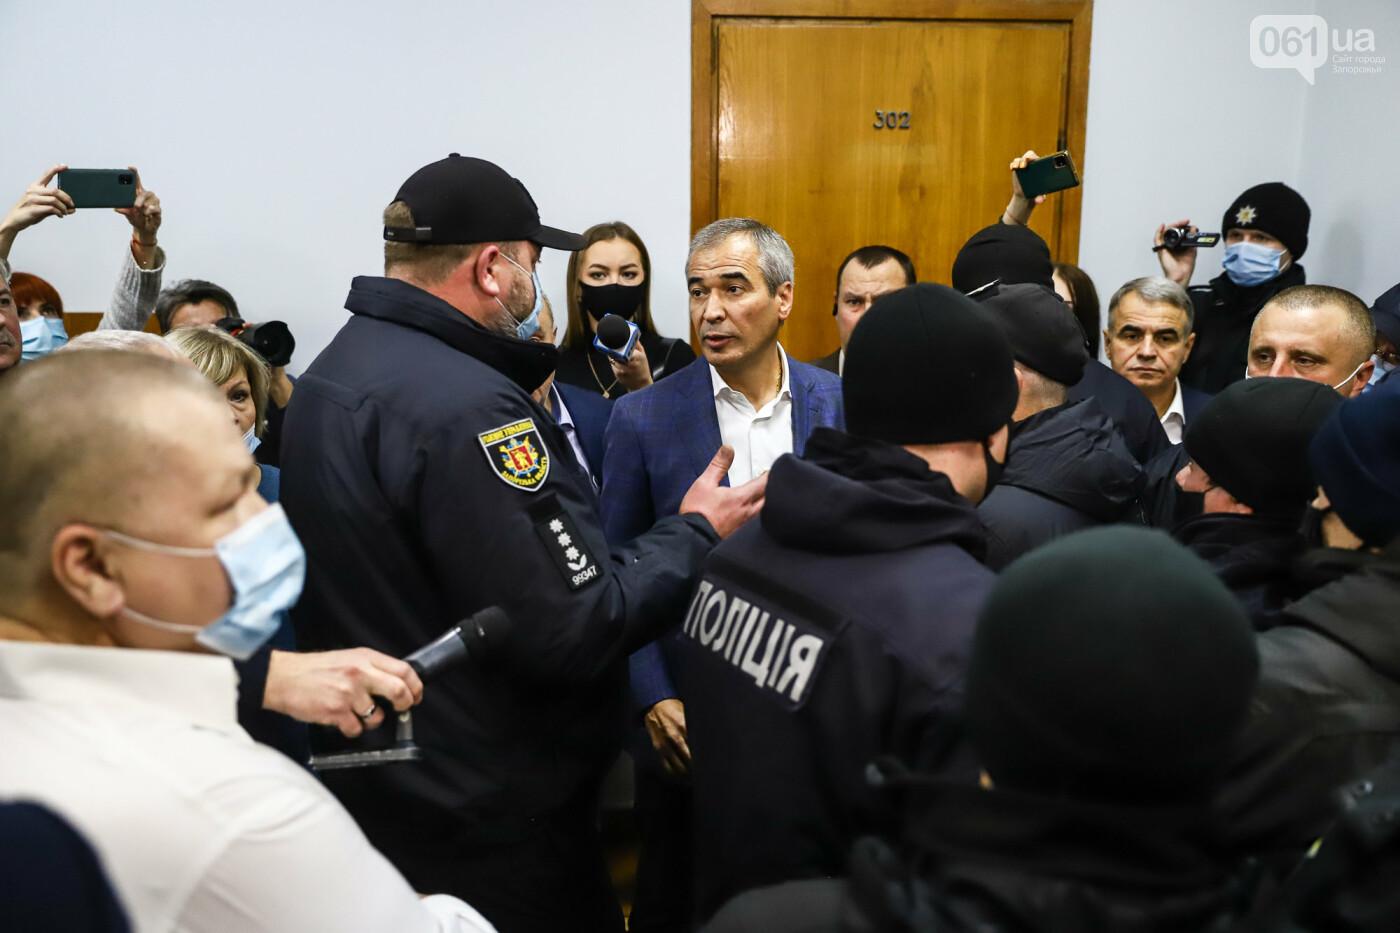 """Тайная """"сессия"""", сотни правоохранителей и стычки с активистами - что происходило в здании Запорожского облсовета, - ФОТО, ВИДЕО , фото-44"""